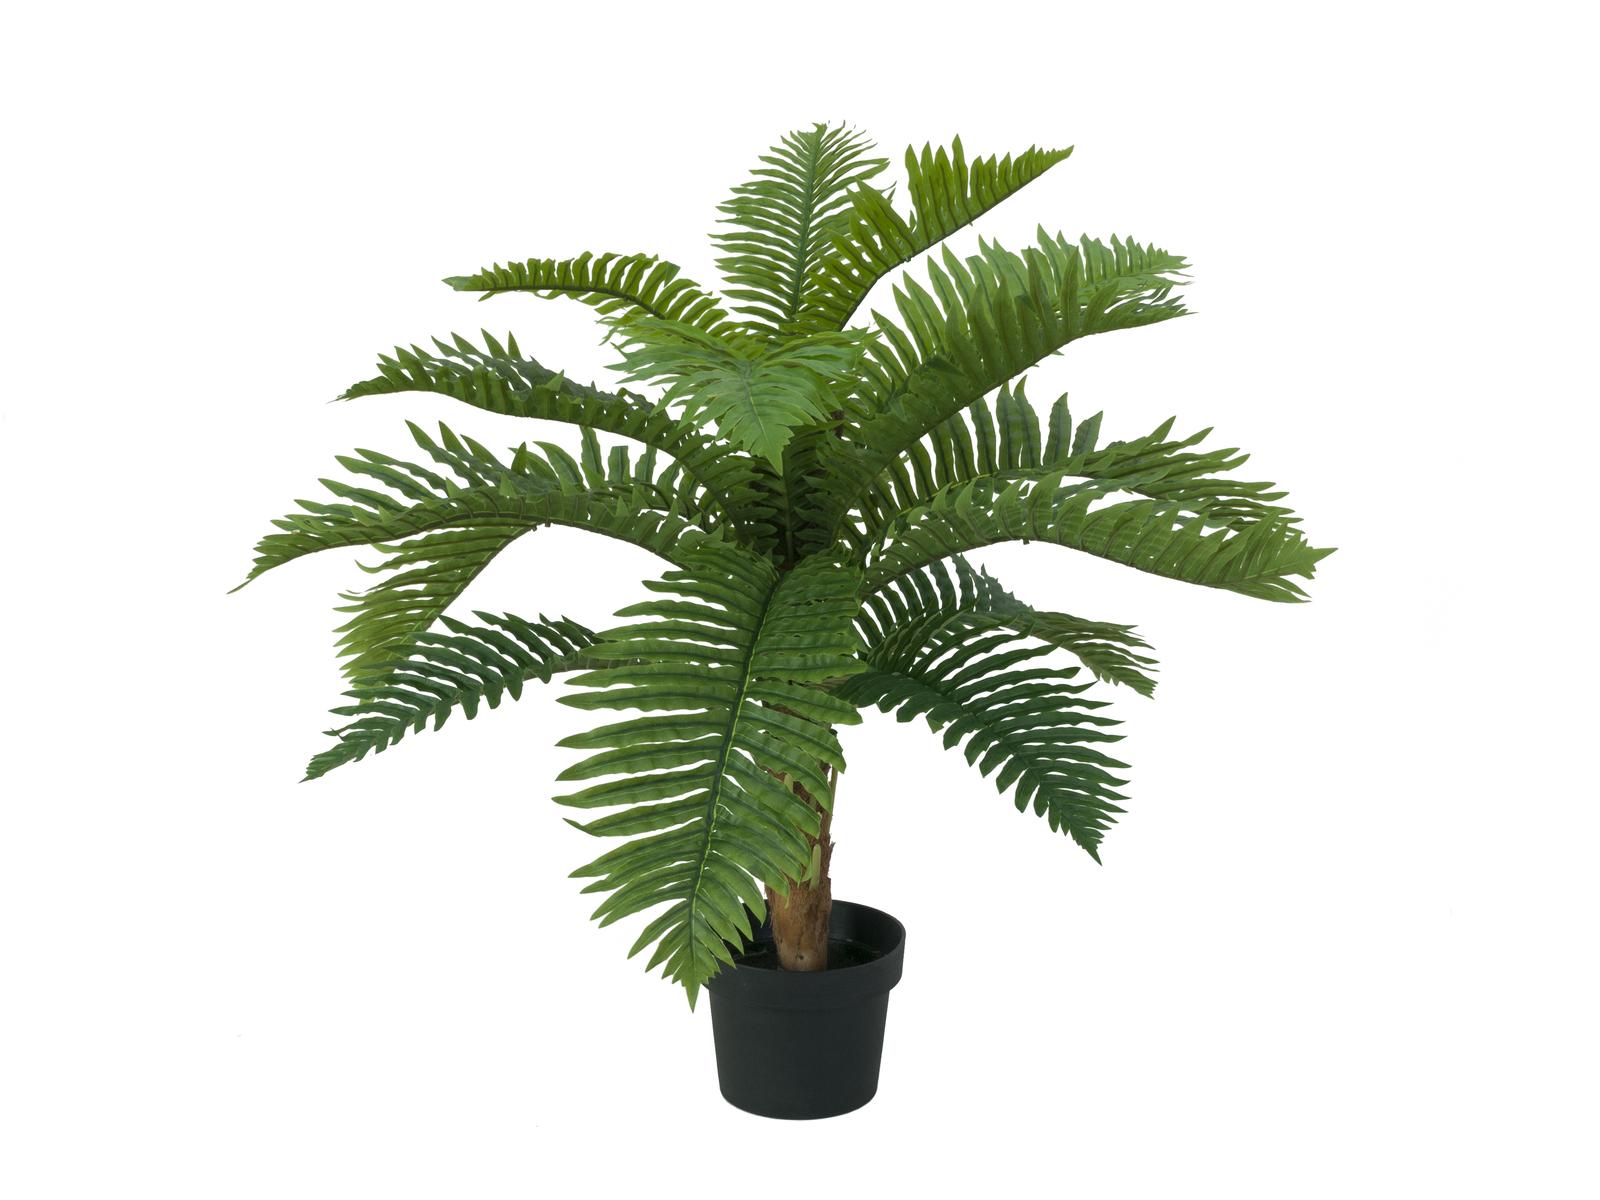 EUROPALMS Cycas albero di palme, piante artificiali, 70cm